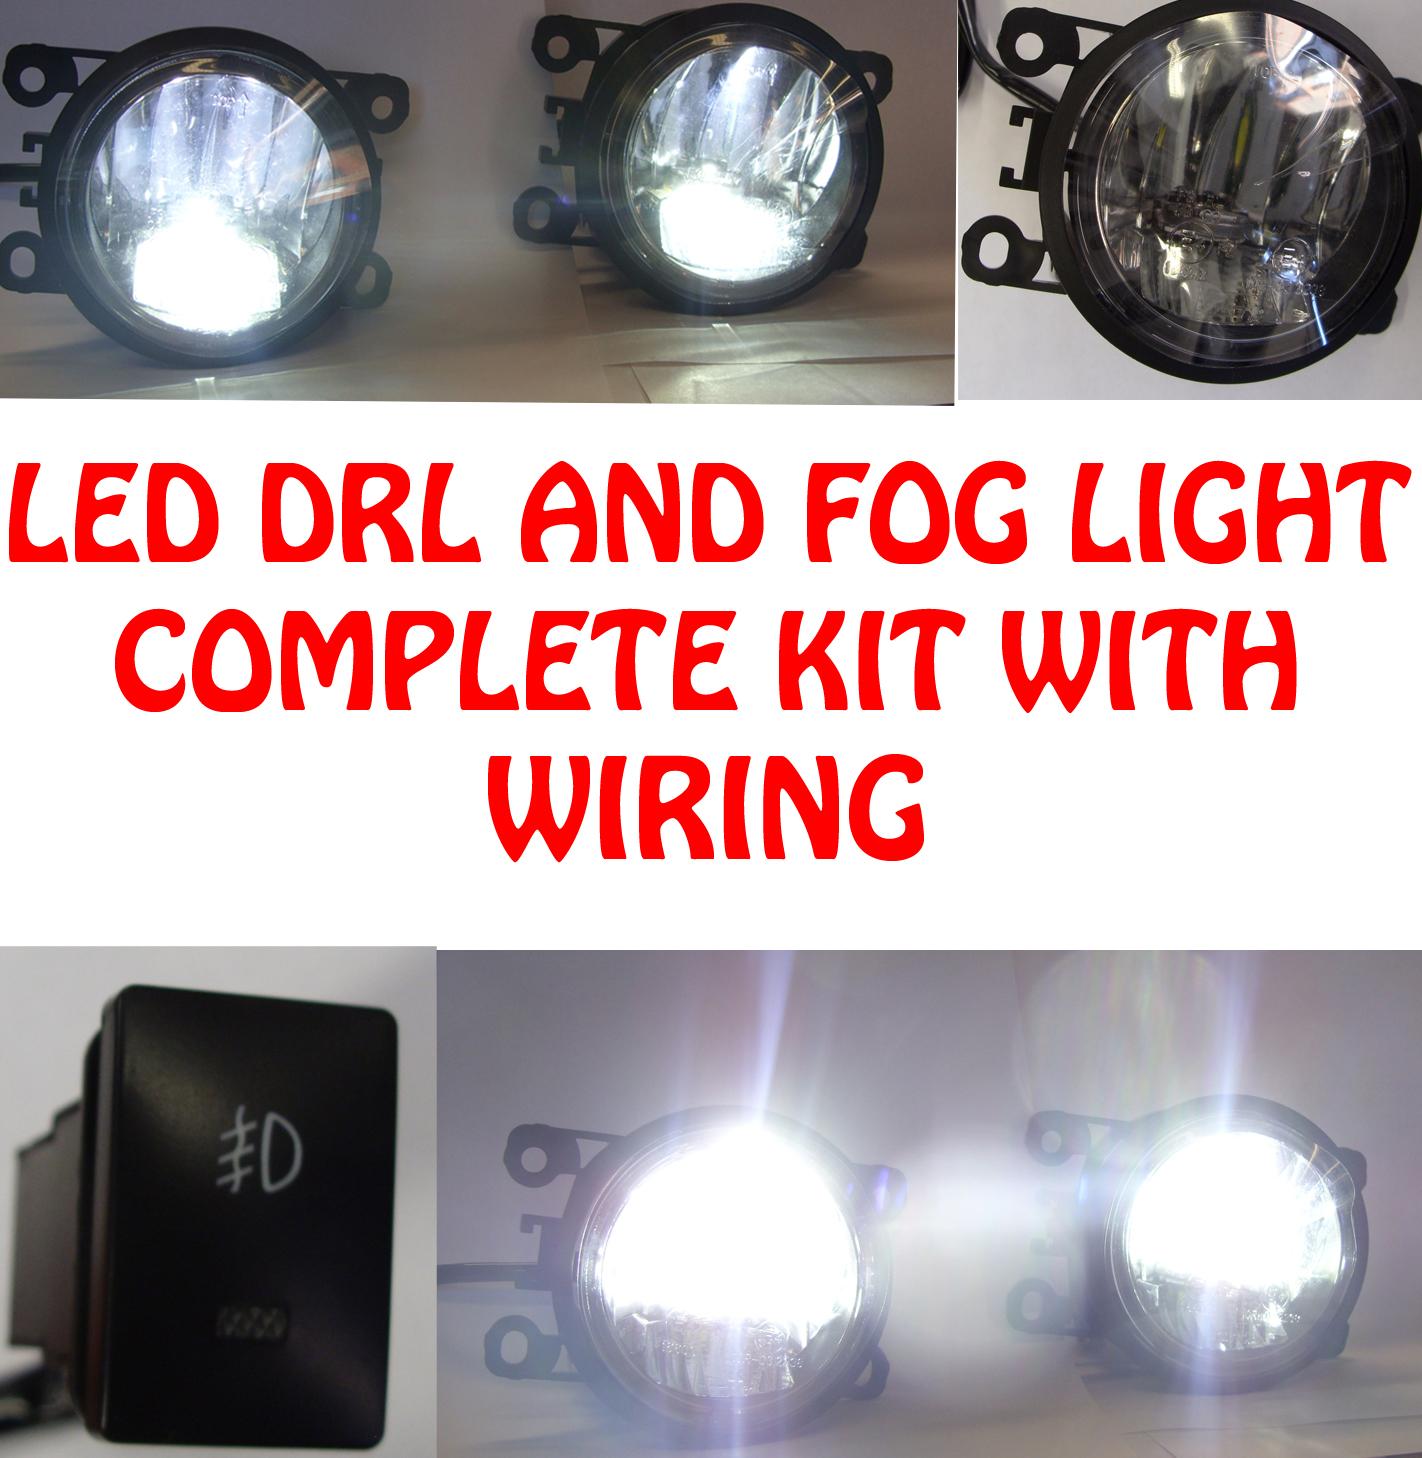 prezzo basso rapporto qualità-prezzo adatto a uomini/donne Dettagli su Alta Potenza LED DRL e Luci Fendinebbia Cavi Interruttore per  Citroen C4 Picasso